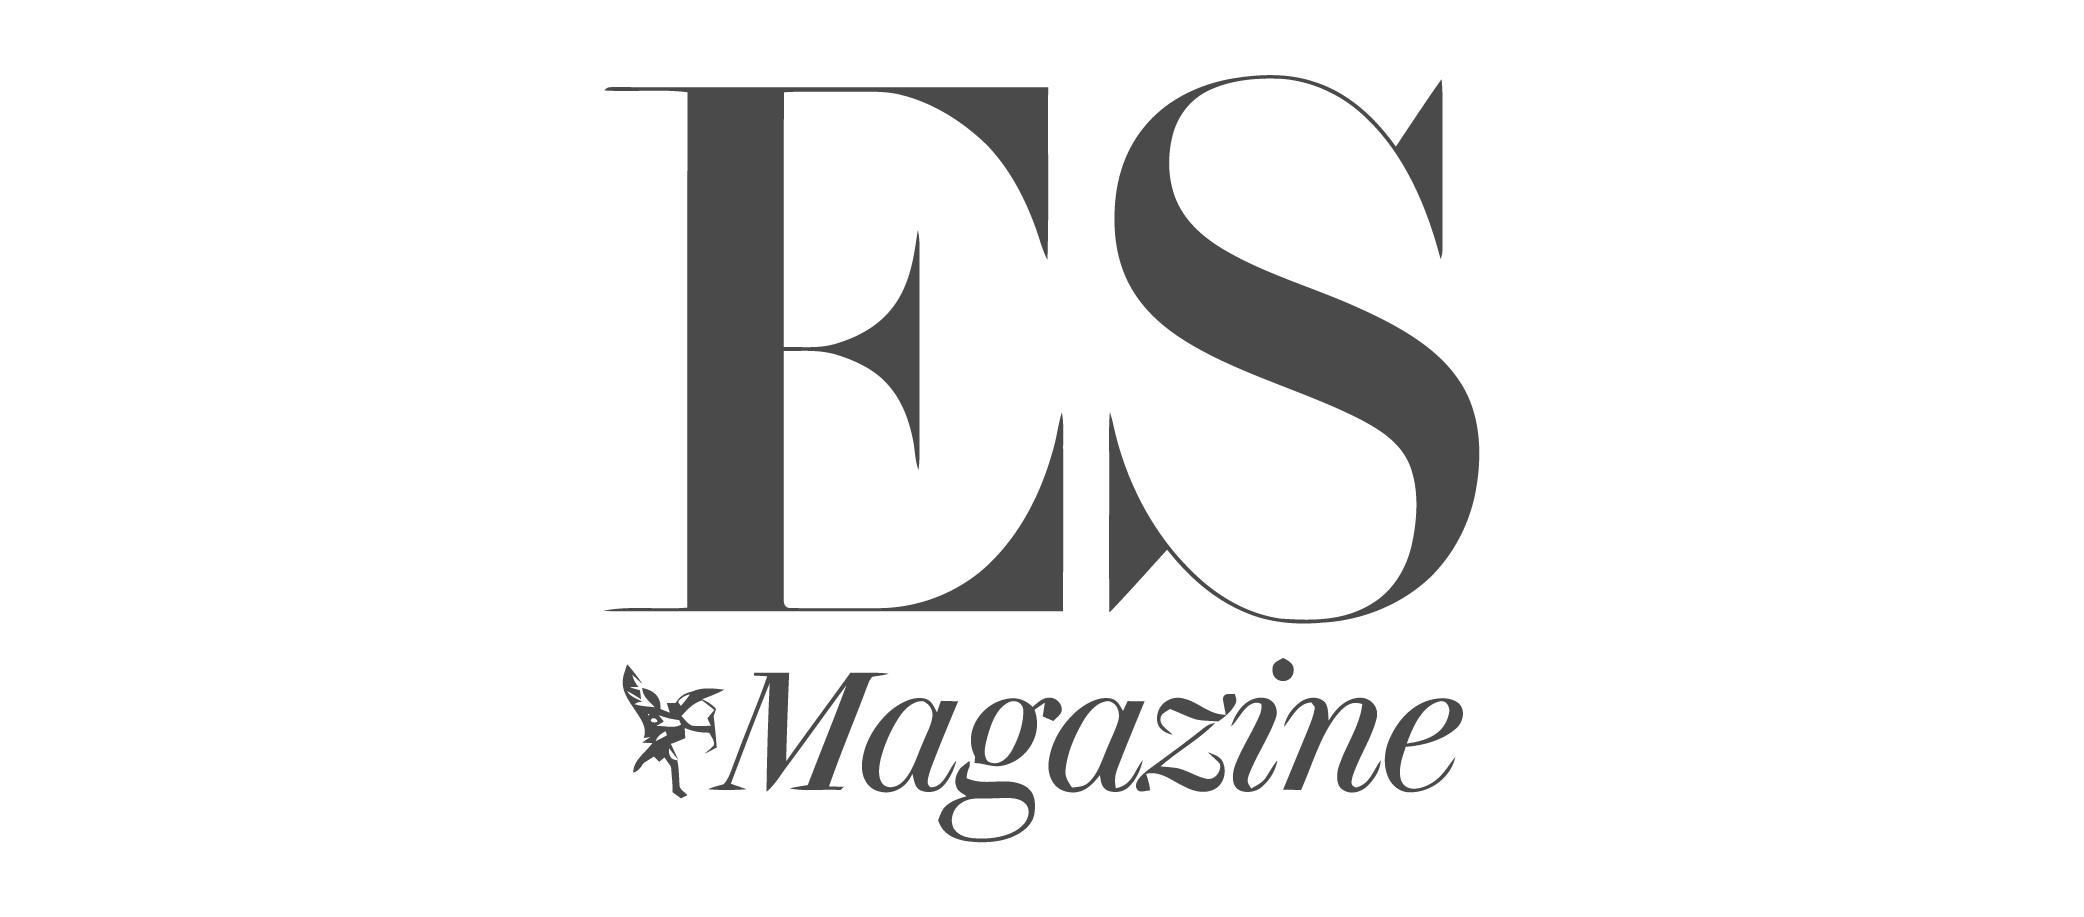 Press Logos - ES - Nannytax